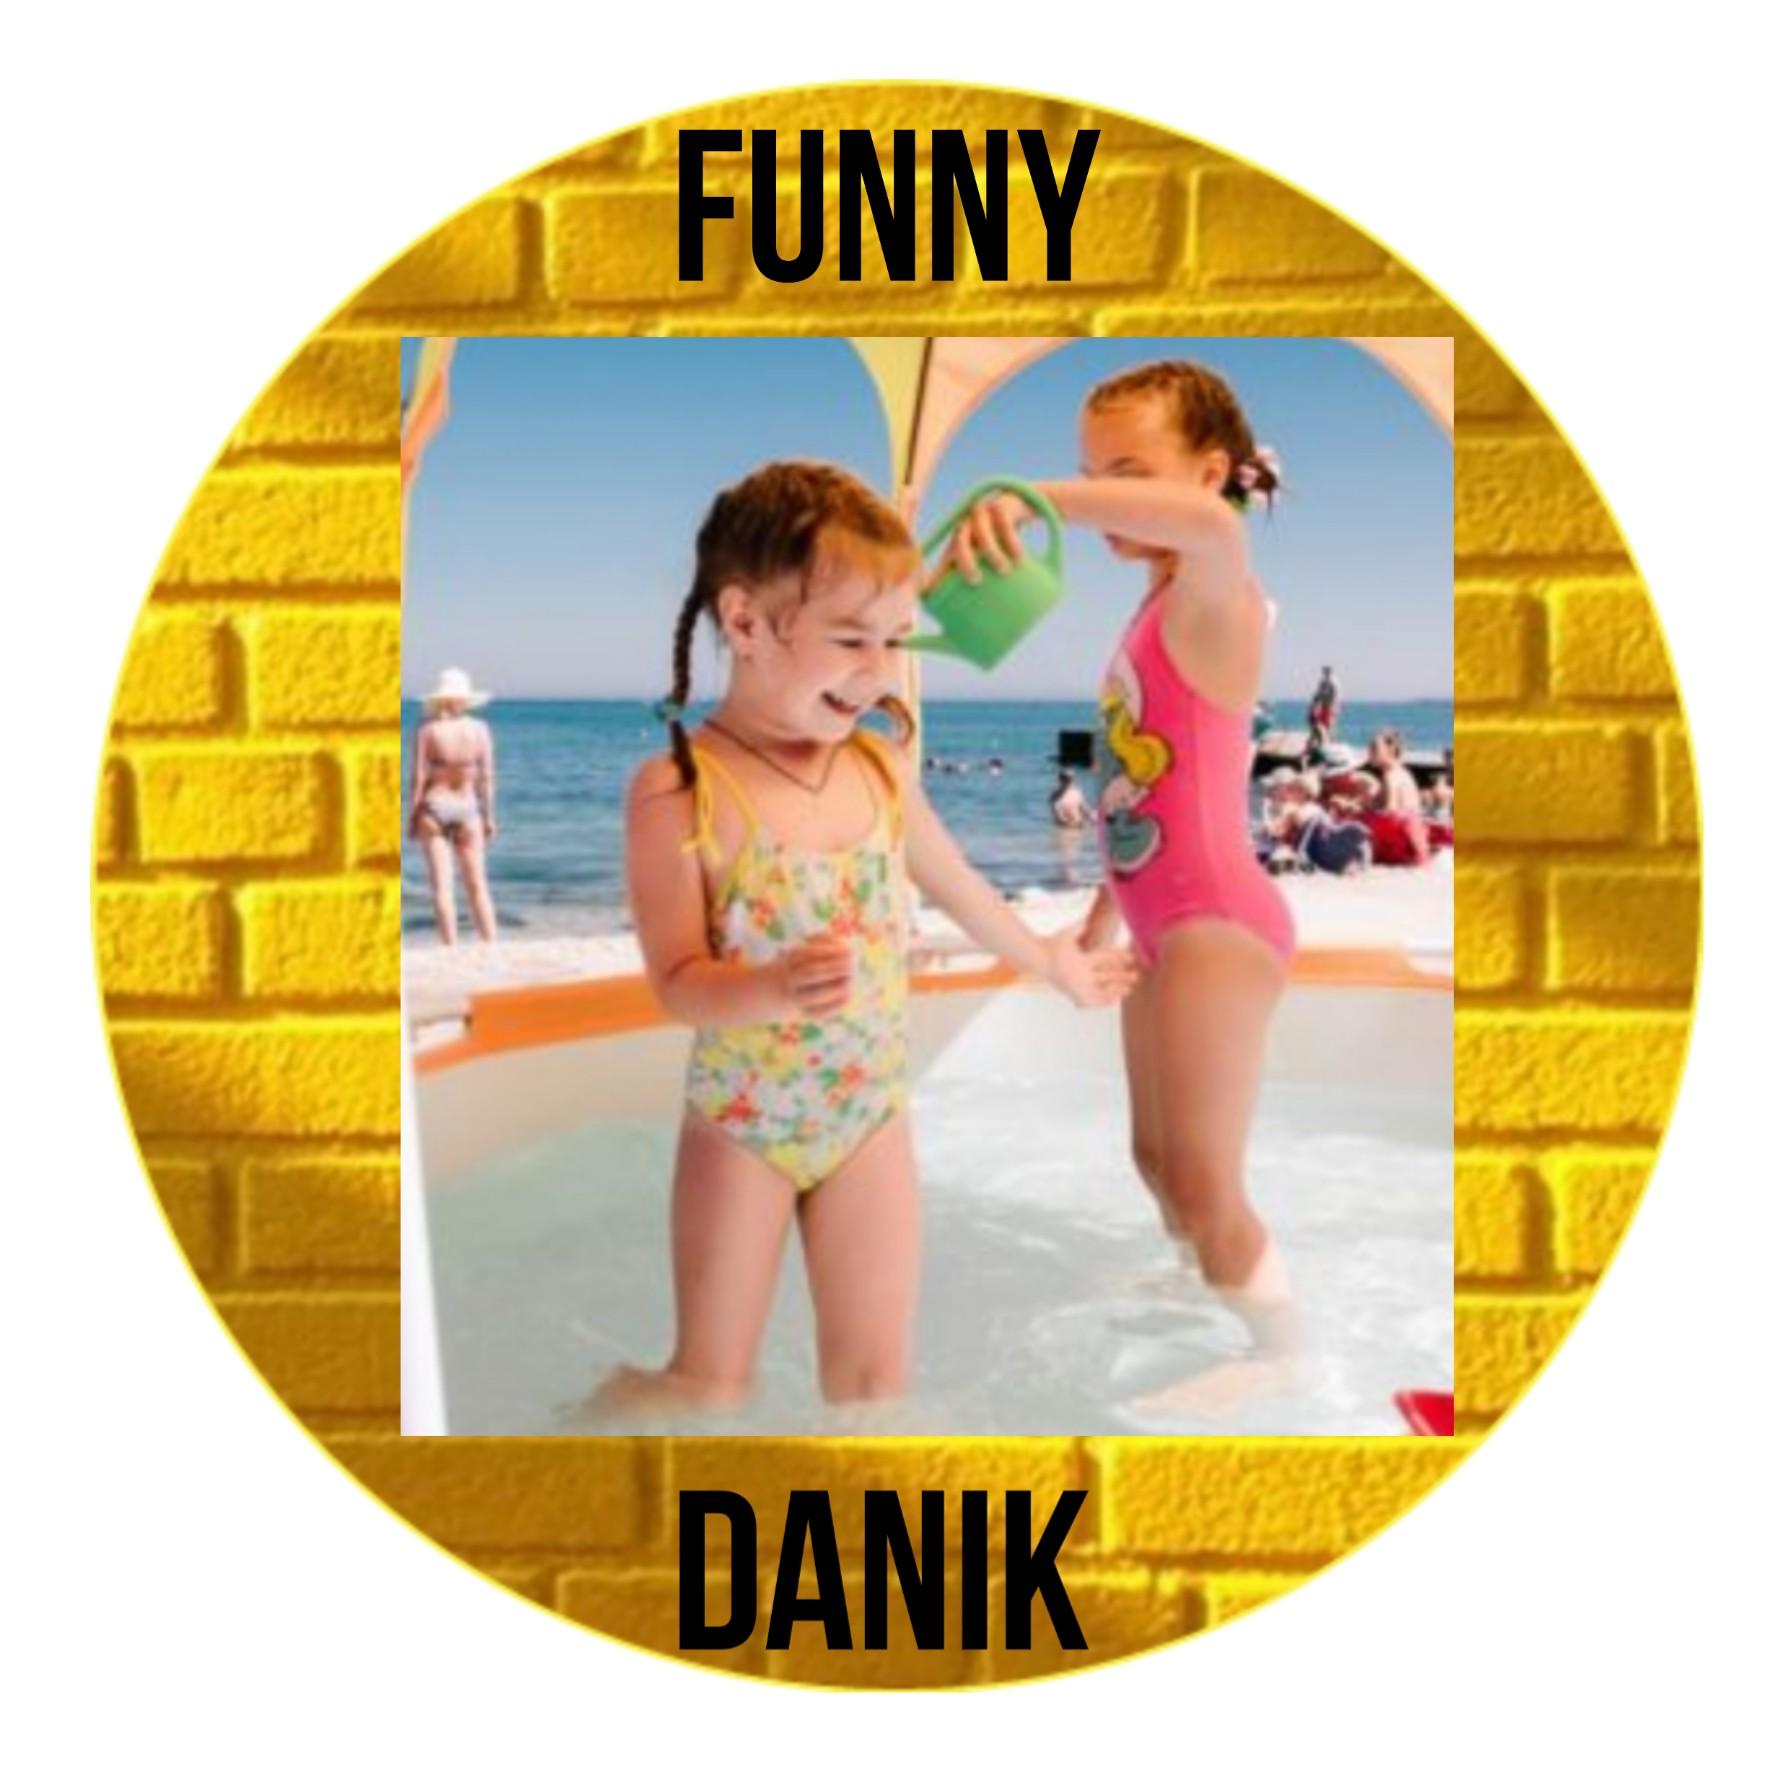 Название для бренда детской одежды фото f_0925e1de2244c11e.jpg